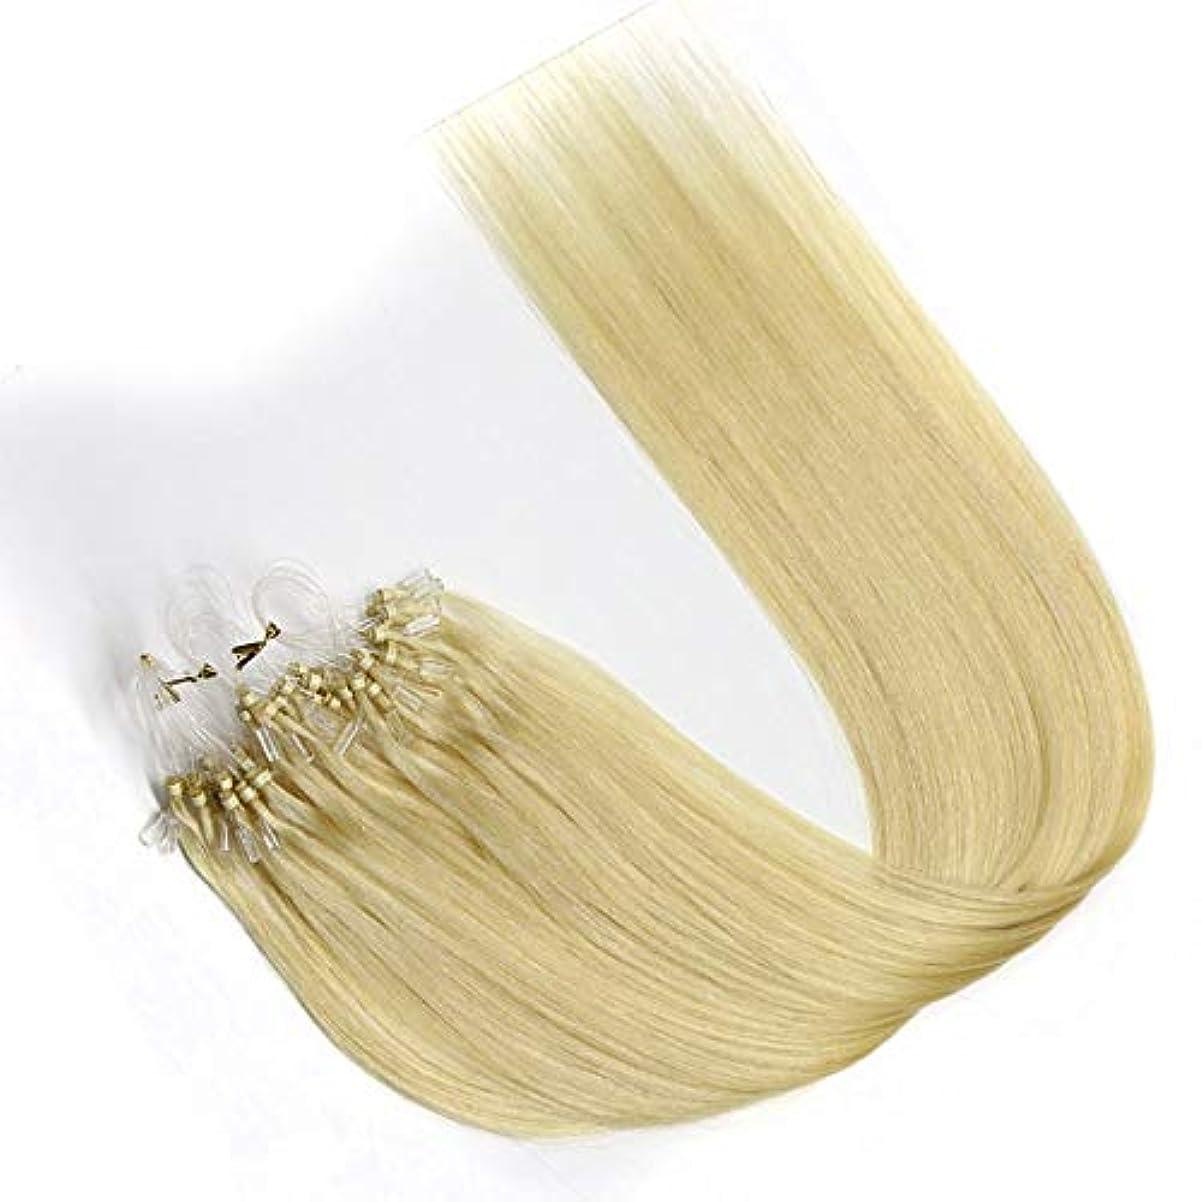 言い訳恩恵タオルWASAIO 女性のためのヘアエクステンションクリップUnseamed髪型ブロンド着色簡単ループマイクロビーズを (色 : Blonde, サイズ : 26 inch)